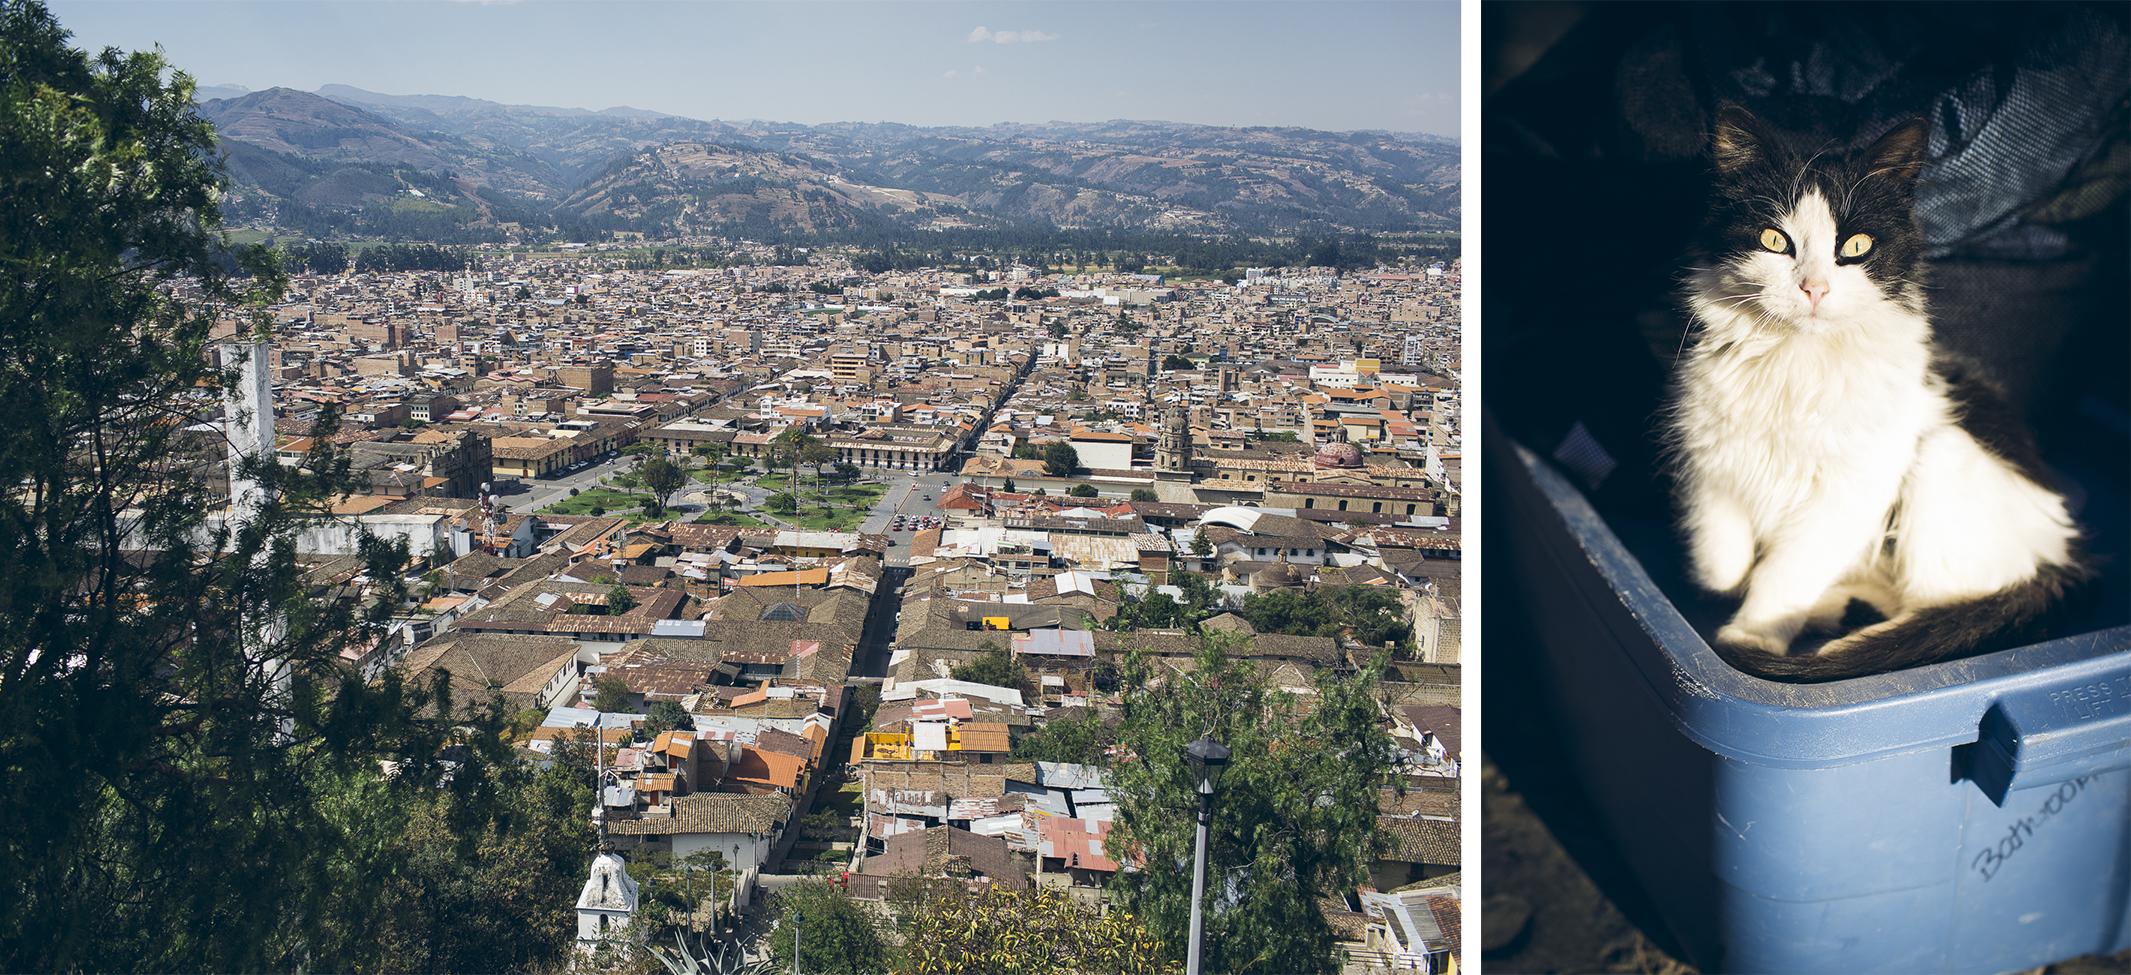 desktoglory_cajamarca-8 copy